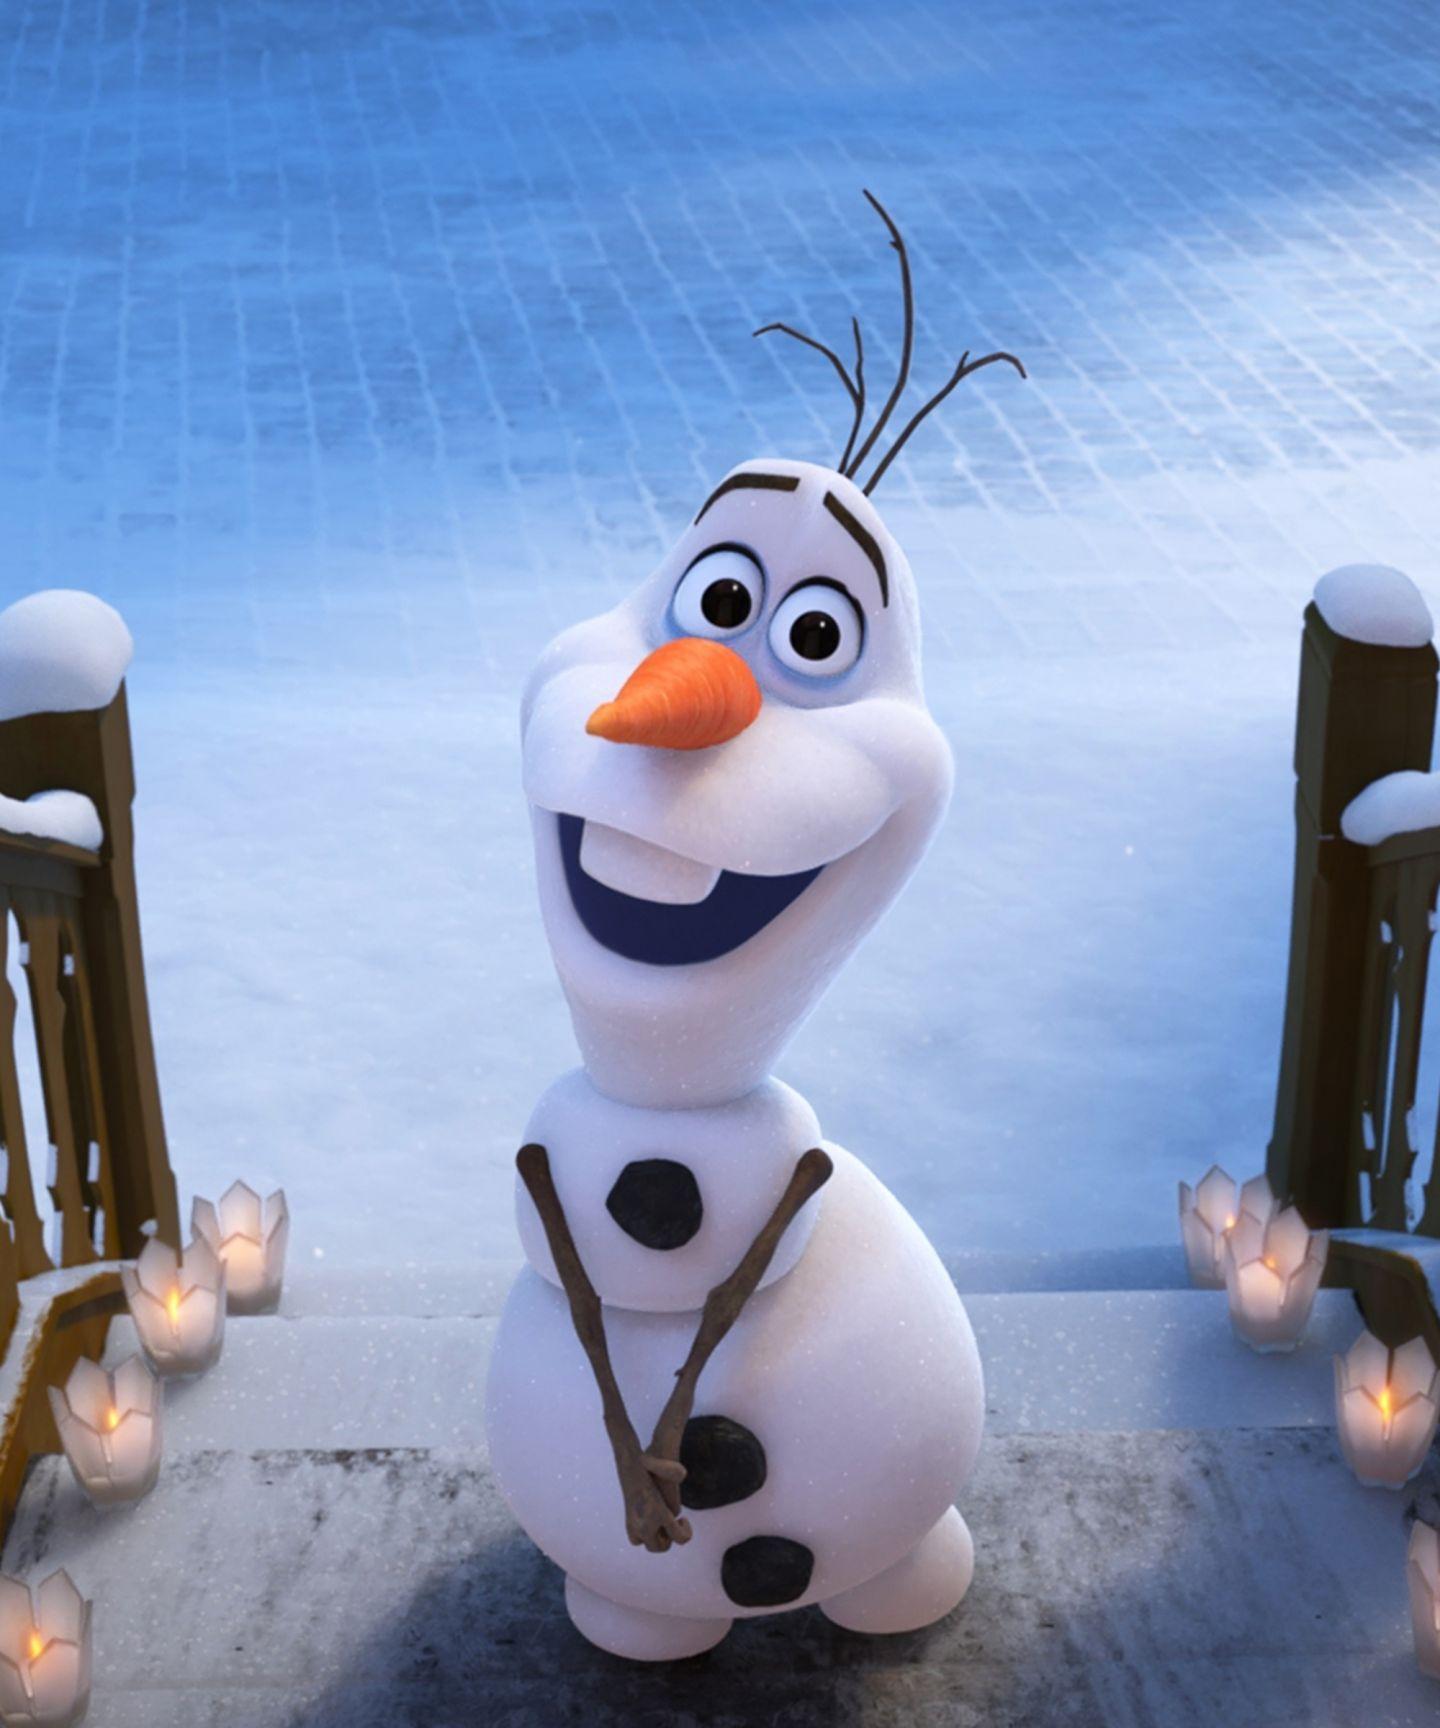 Картинки снеговиков из мультика холодное сердце